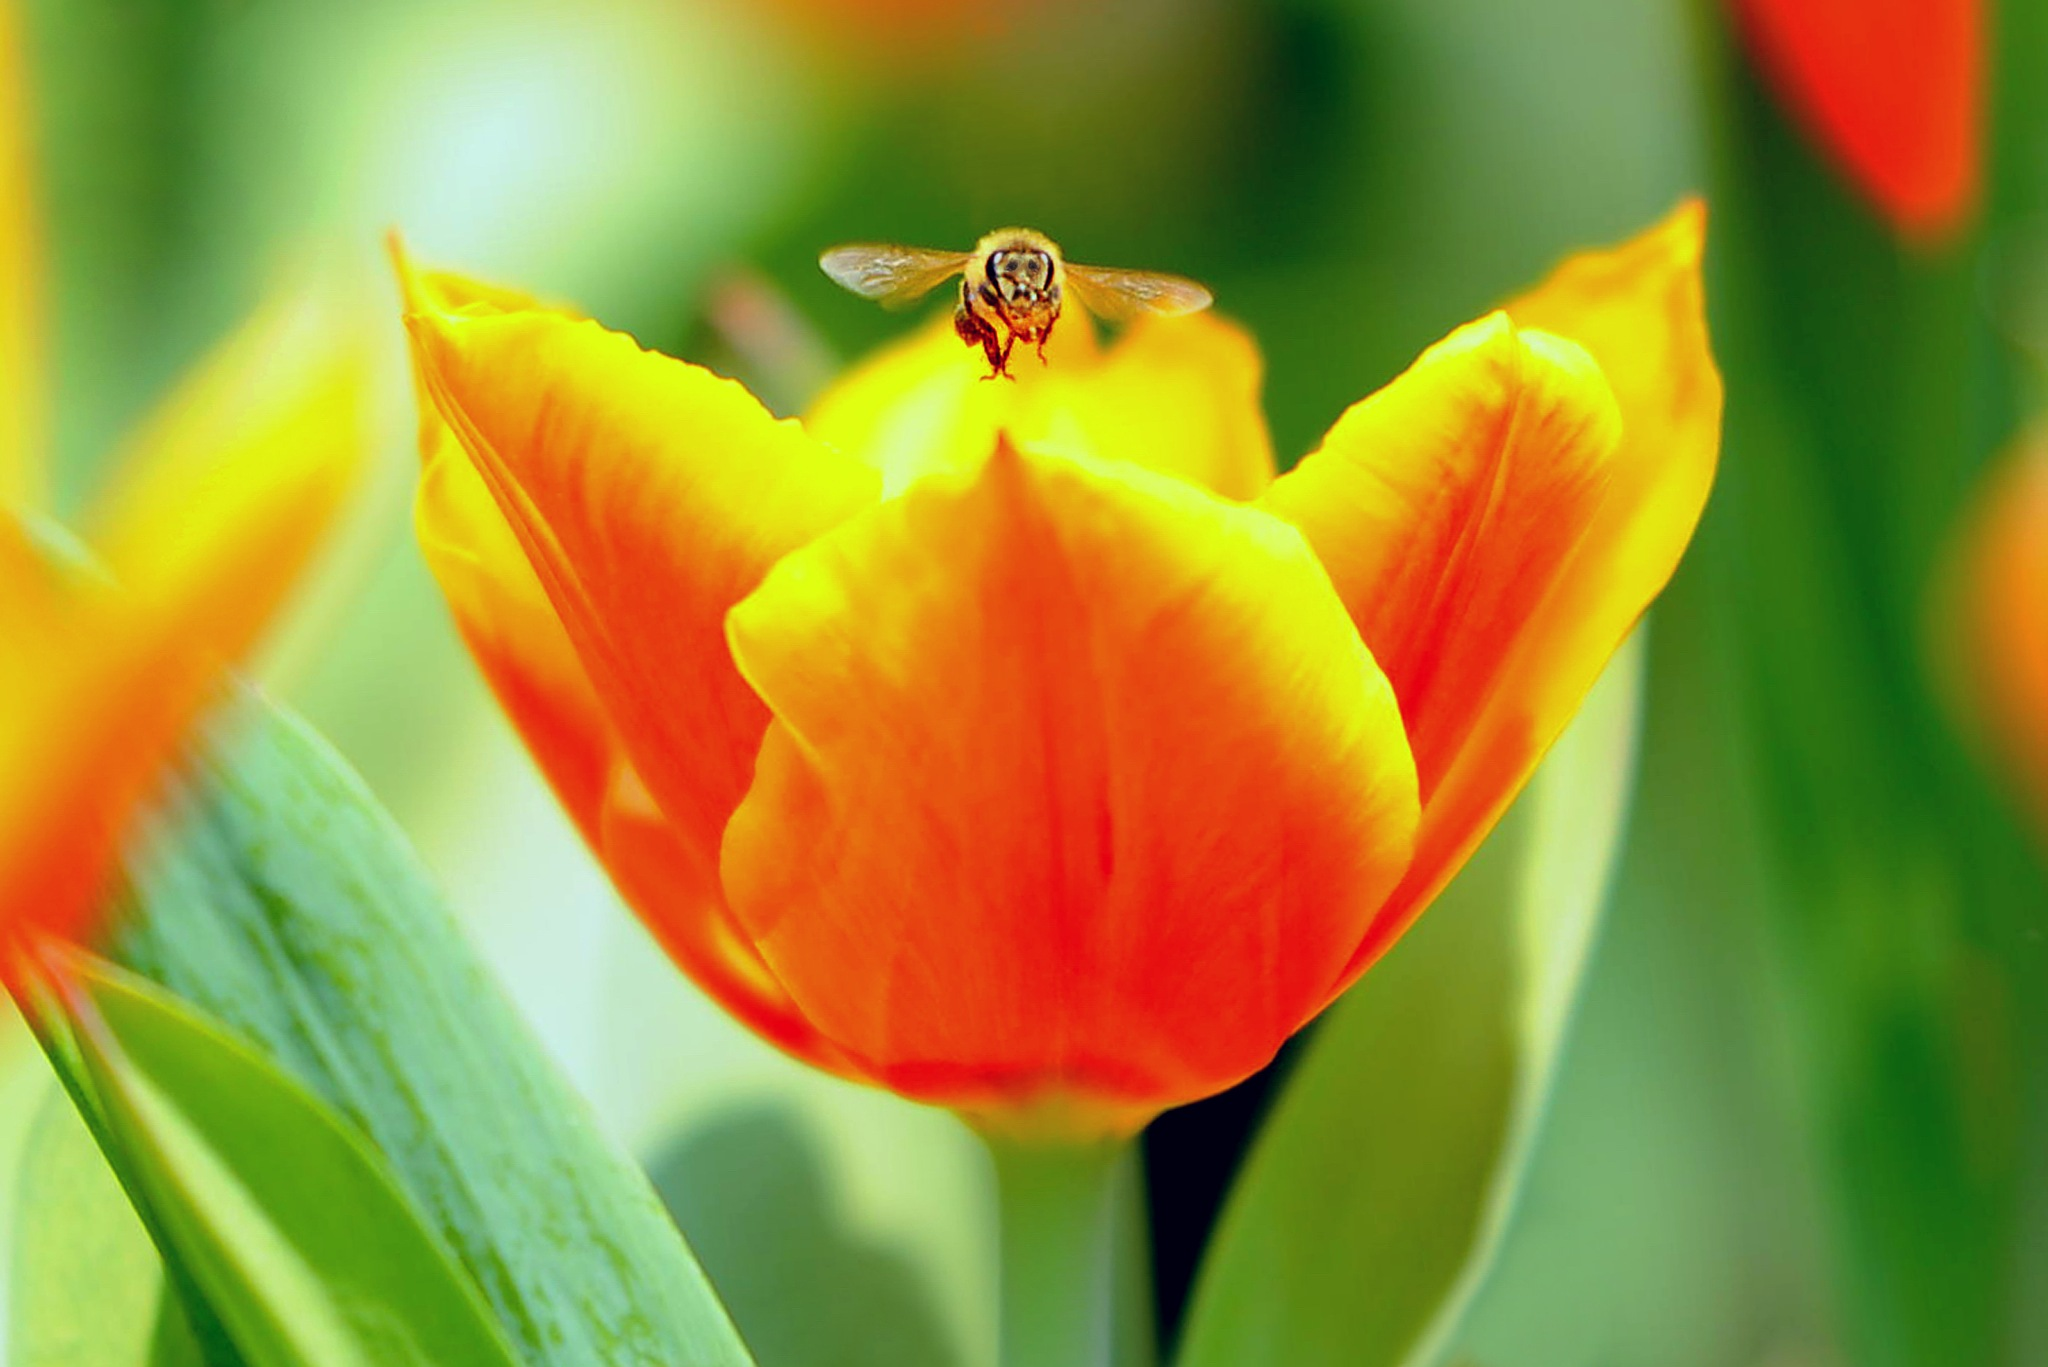 Mr Honey Bee by leka huie